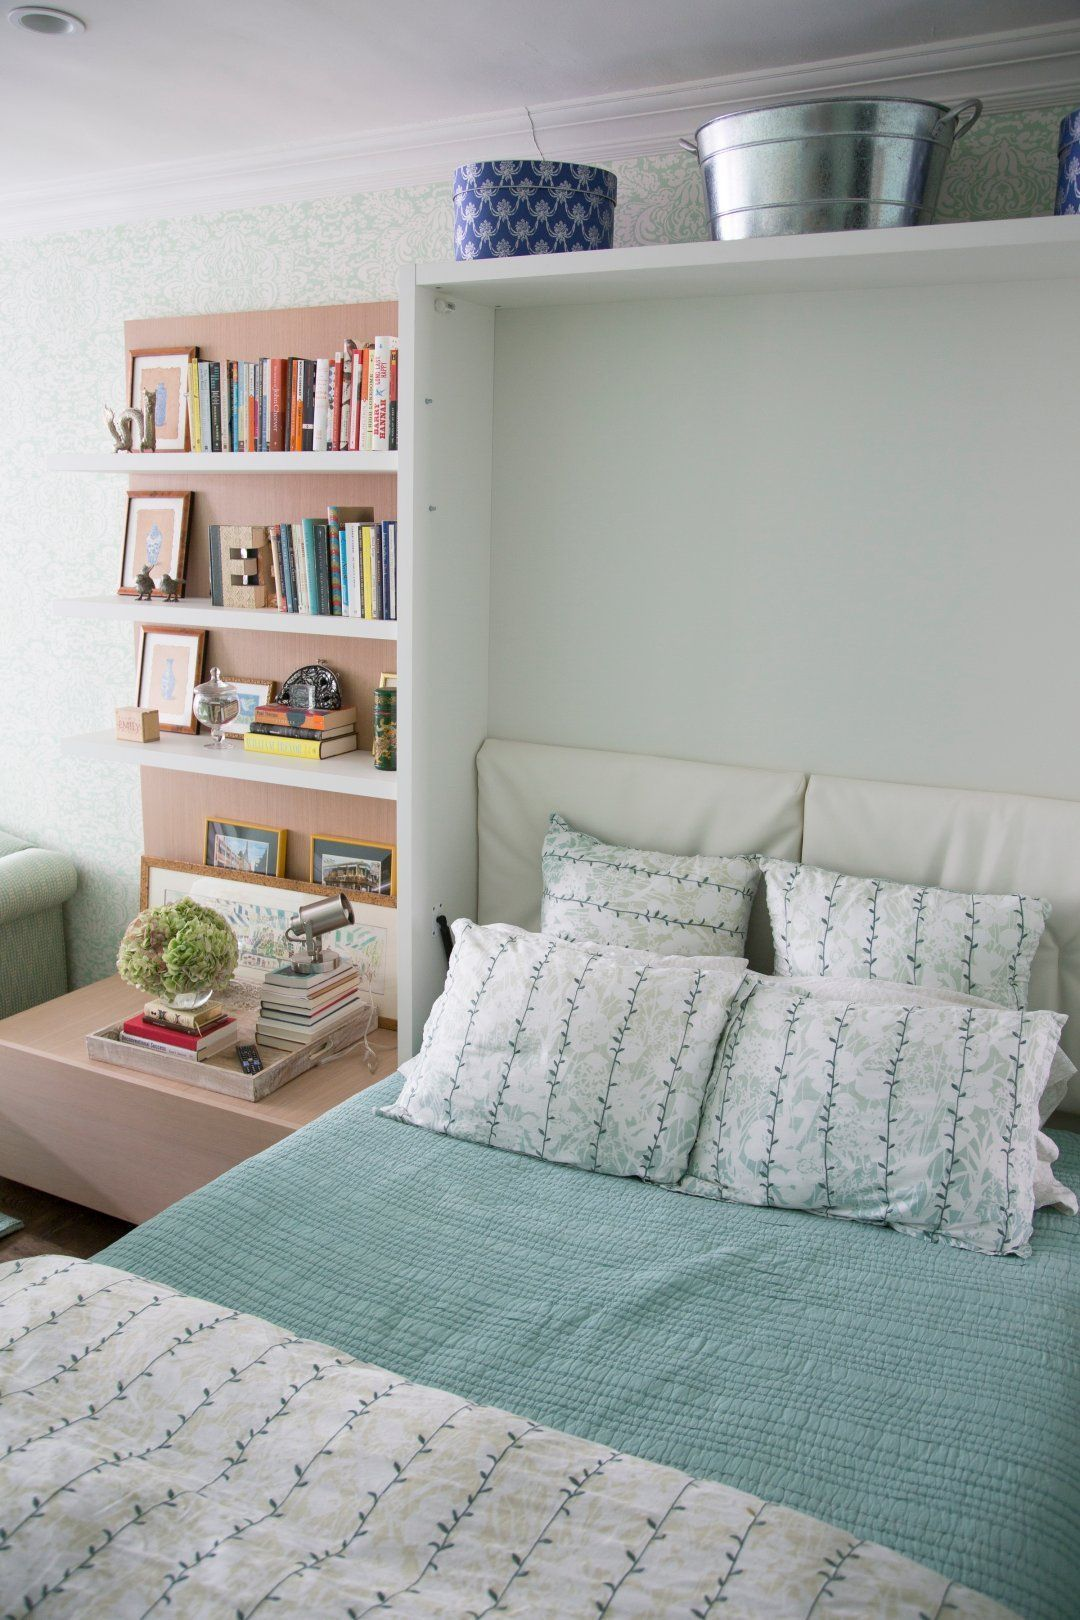 Shop Similar LACK Wall shelf white IKEA, Similar